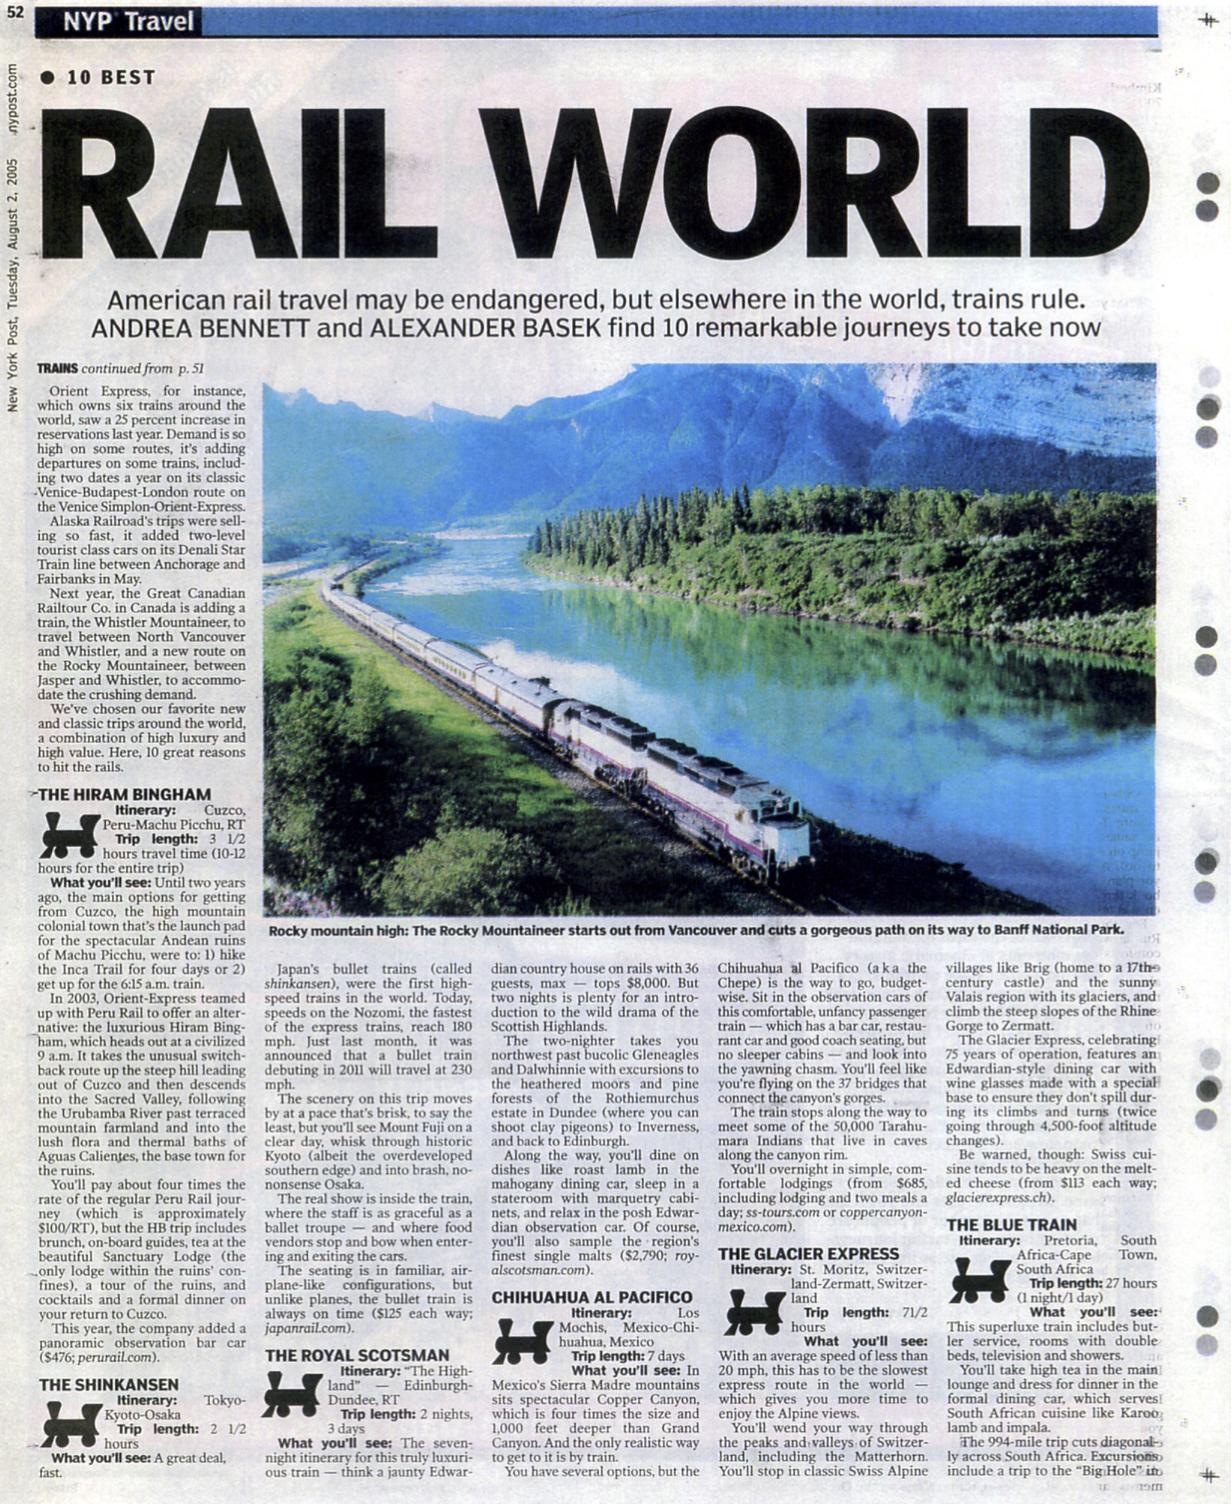 RailWorld1.png